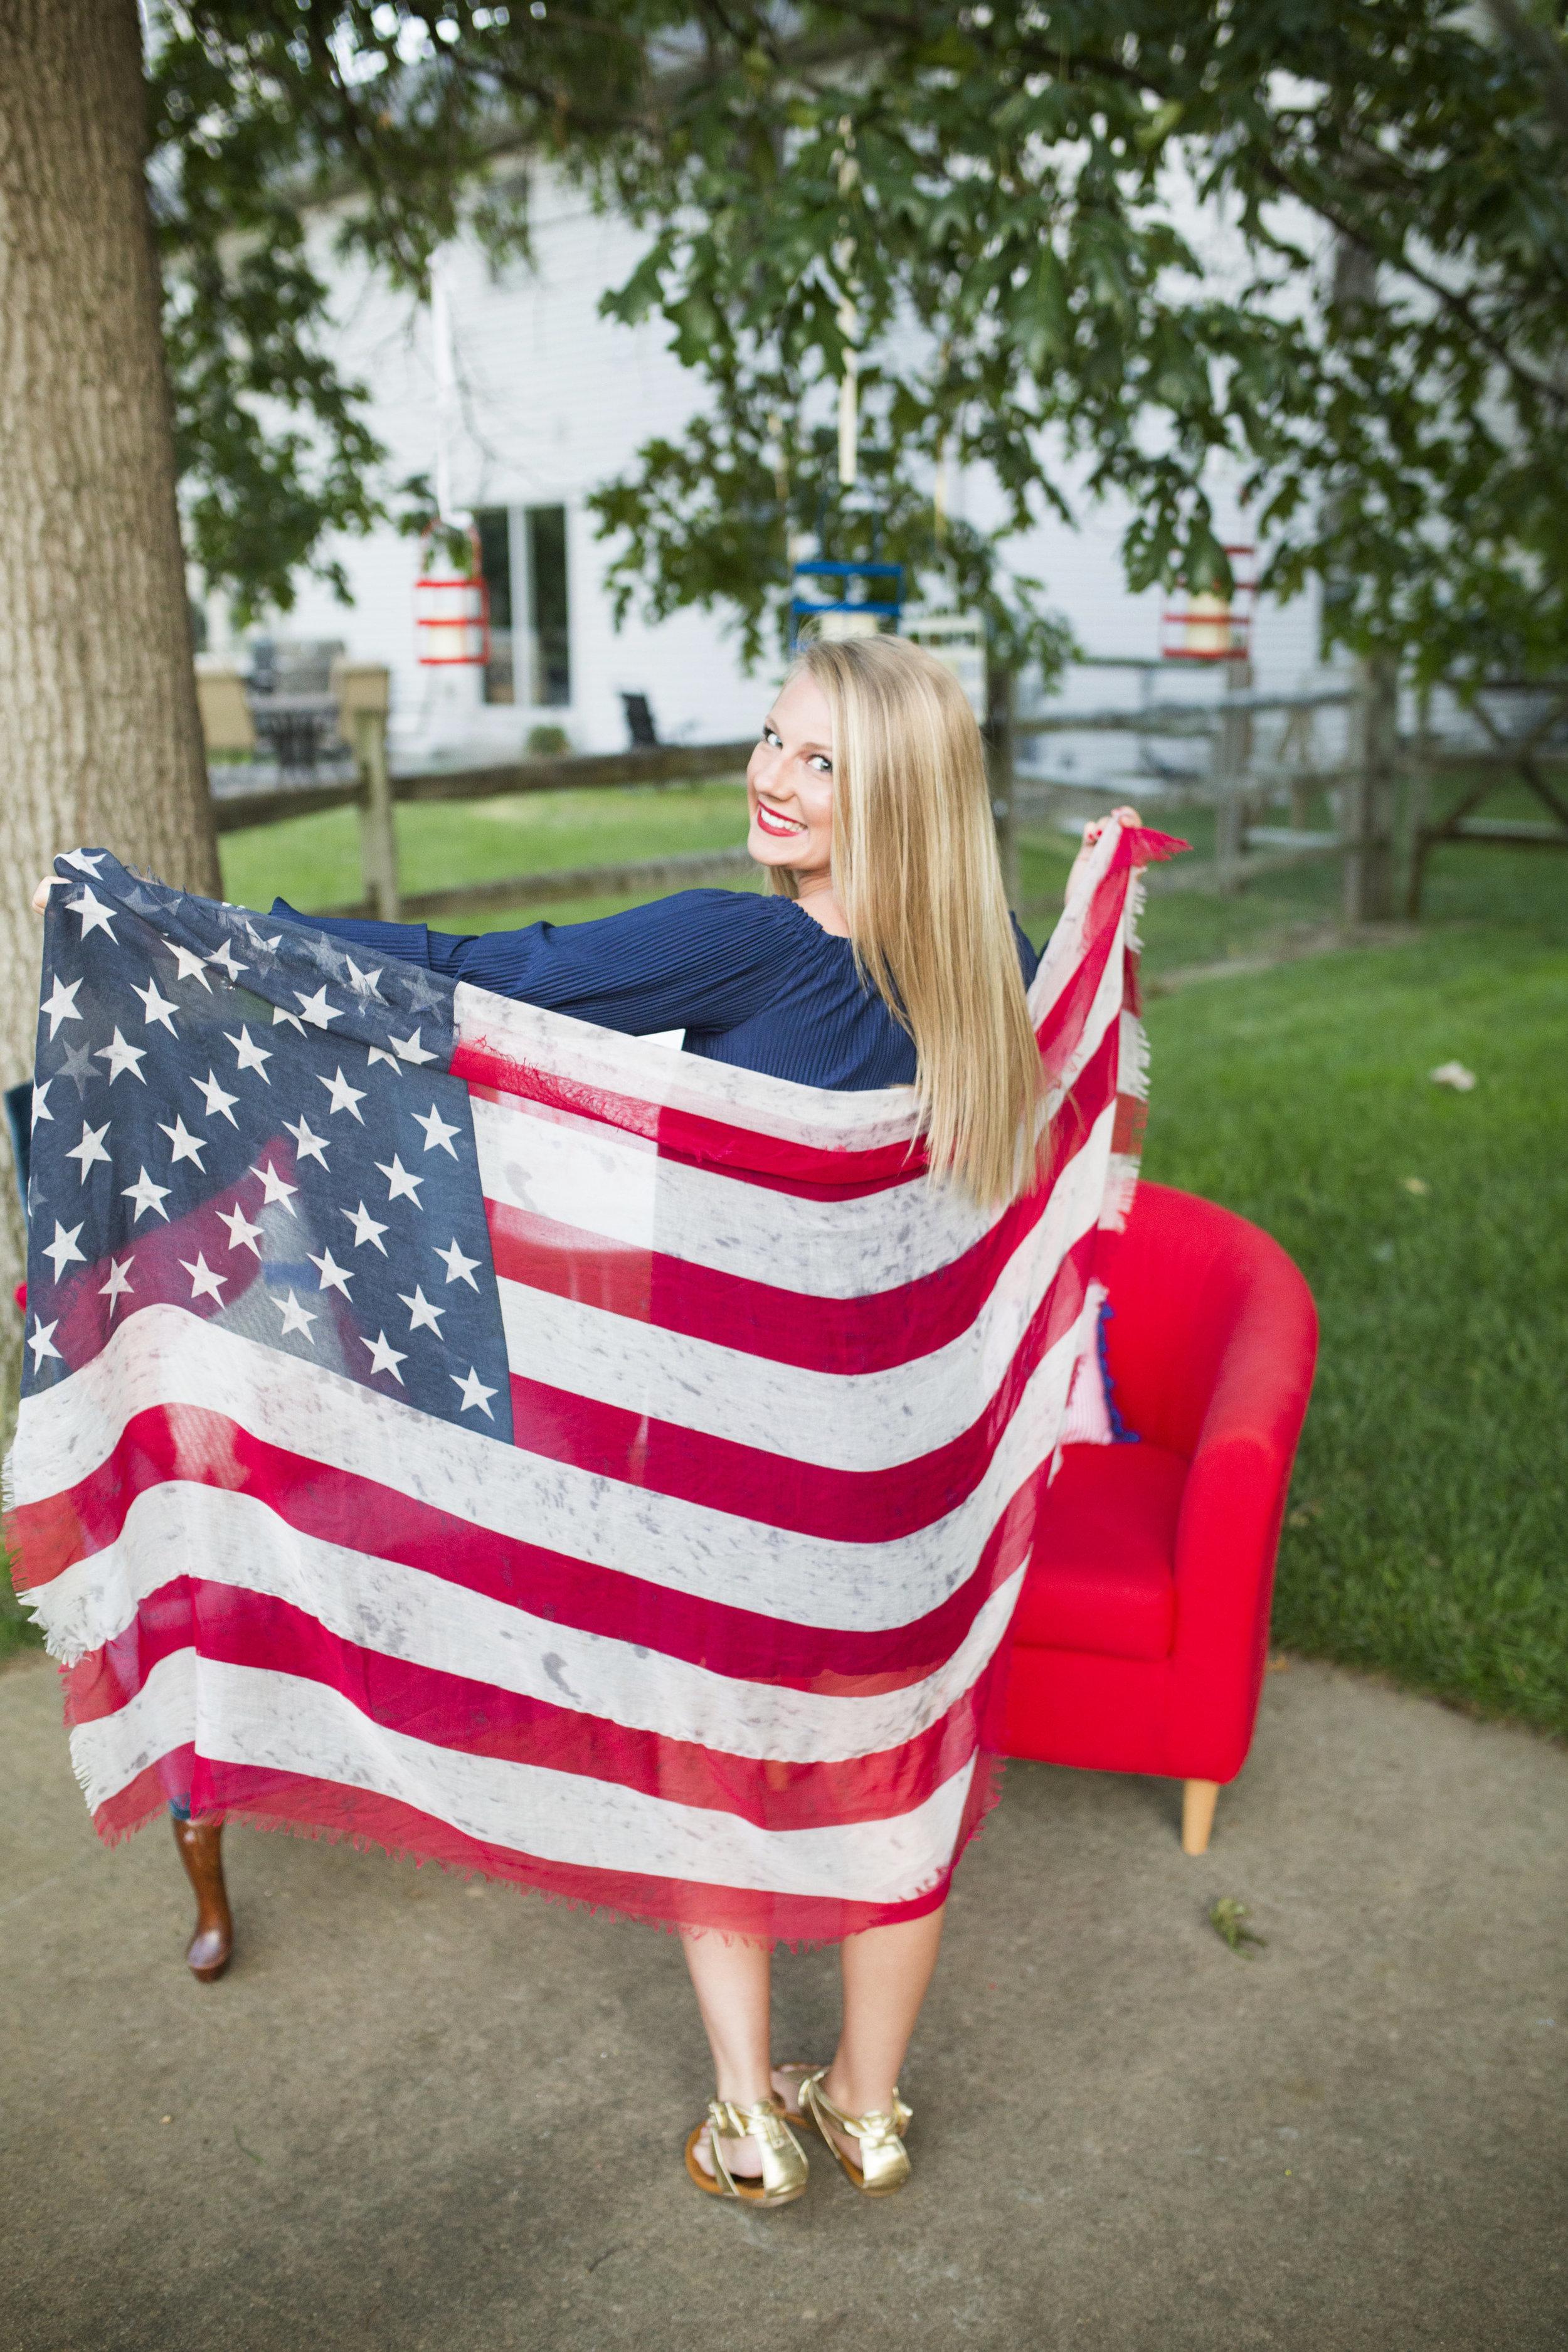 Patriotic Party Inspiration by Event Prep with Haley Elizabeth Studios-0079 copy.jpg